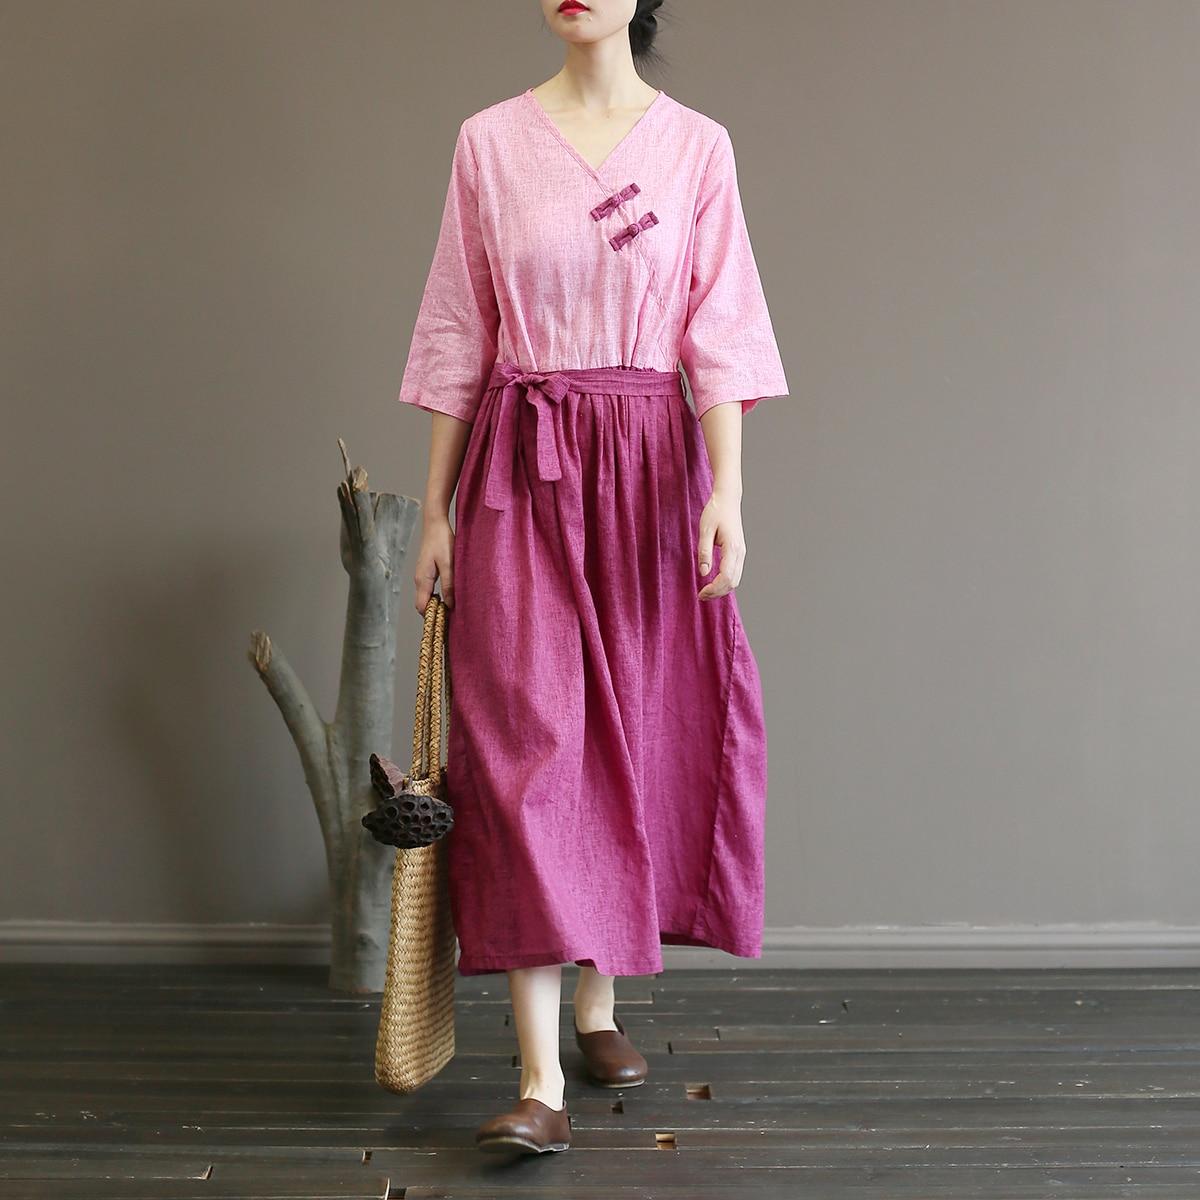 Femmes rétro coton lin robe dames coton lin rétro Vintage robe femme automne robe Patchwork robes